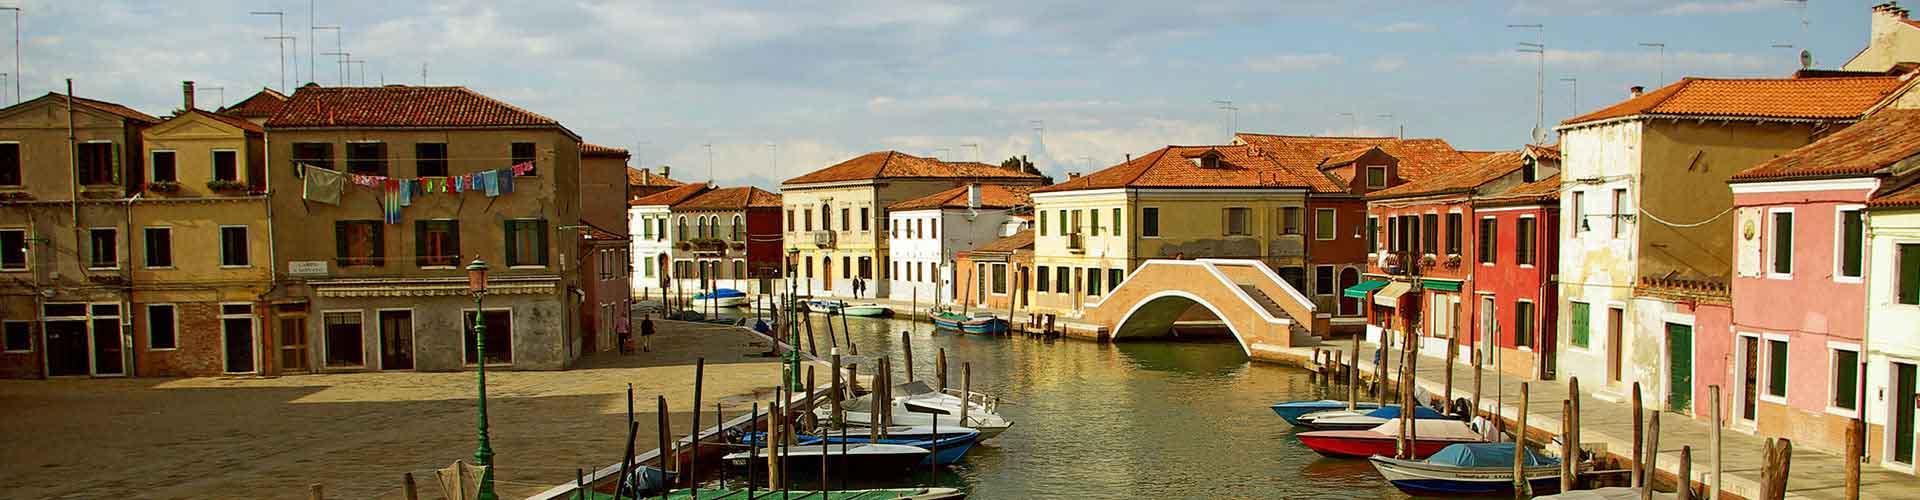 Venezia Mestre – Appartamenti vicini a Aeroporto di Venezia Marco Polo. Mappe per Venezia Mestre, Foto e  Recensioni per ogni Appartamento a Venezia Mestre.